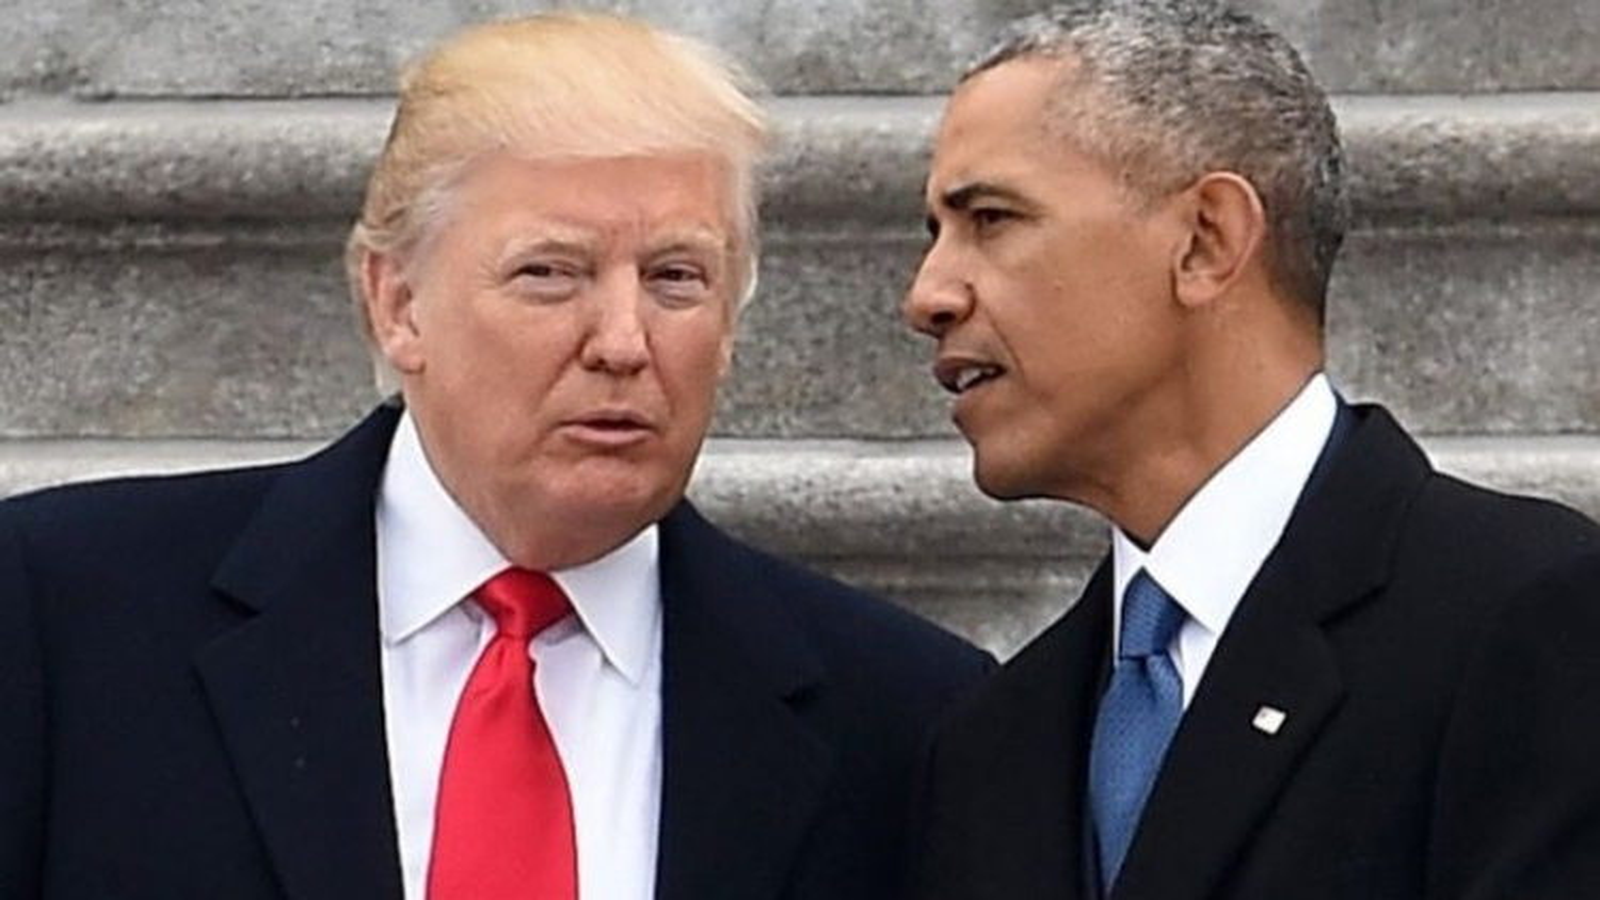 Cựu Tổng thống Obama chỉ trích chính quyền Trump về dịch Covid-19